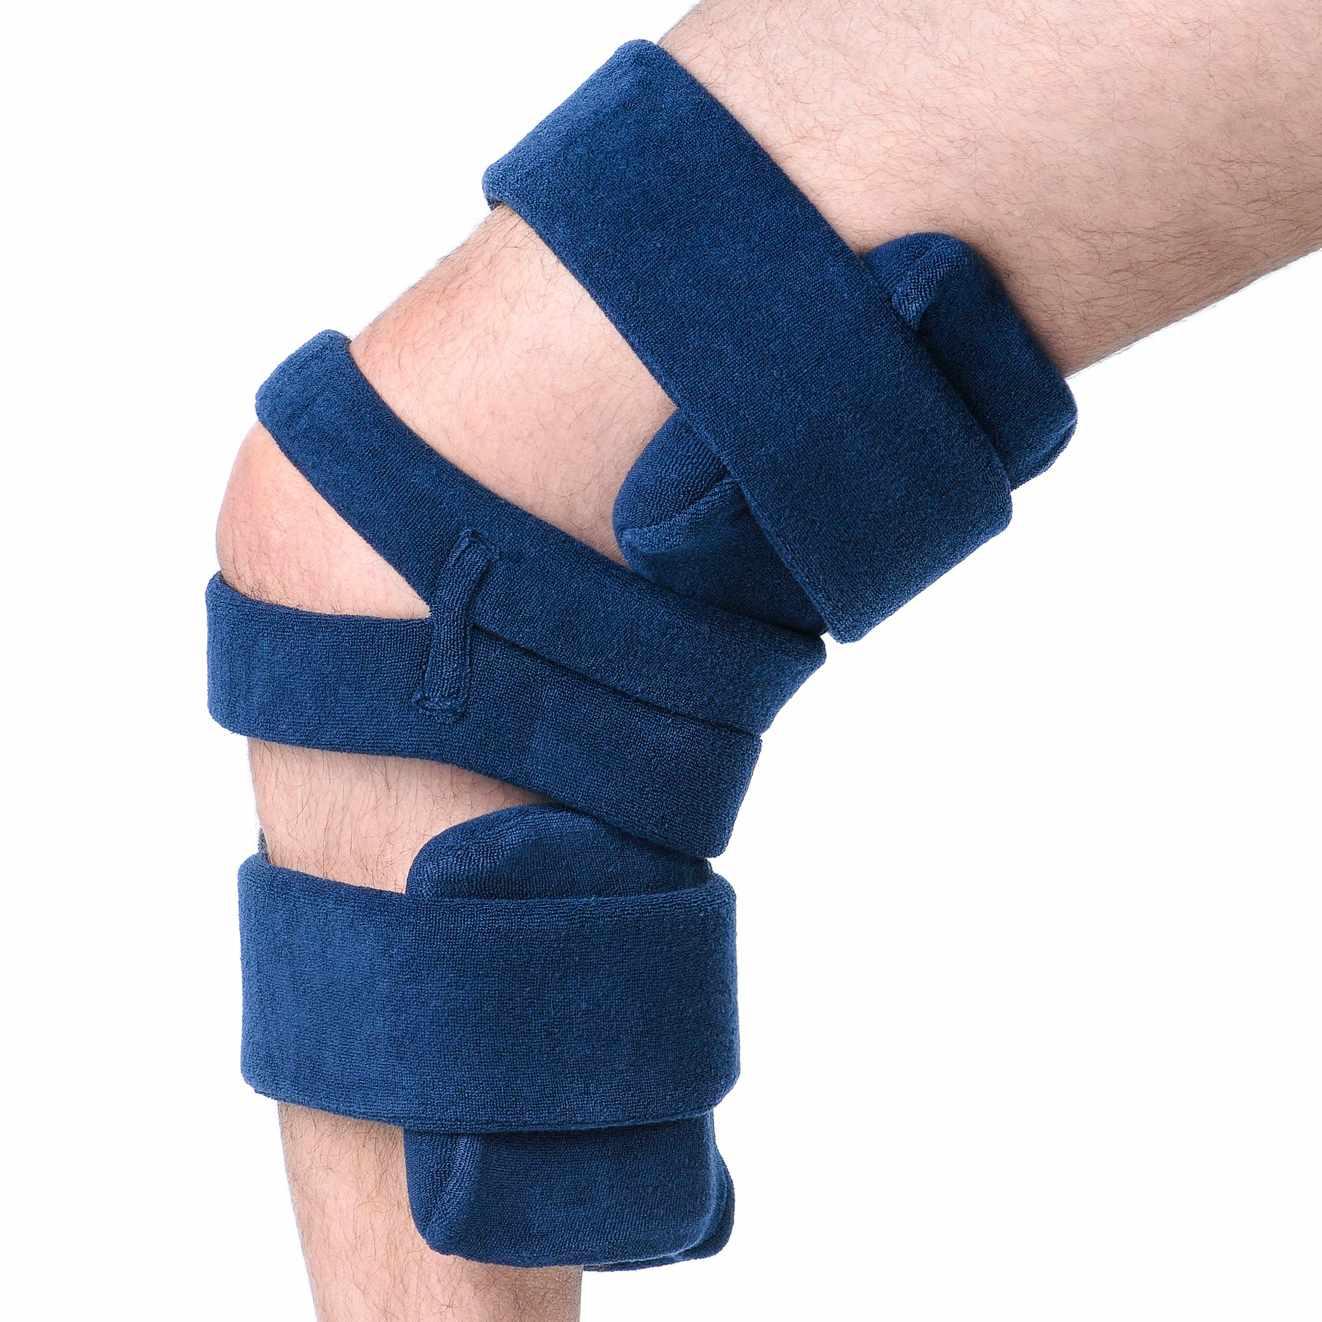 Comfy Knee Orthosis, Navy Blue